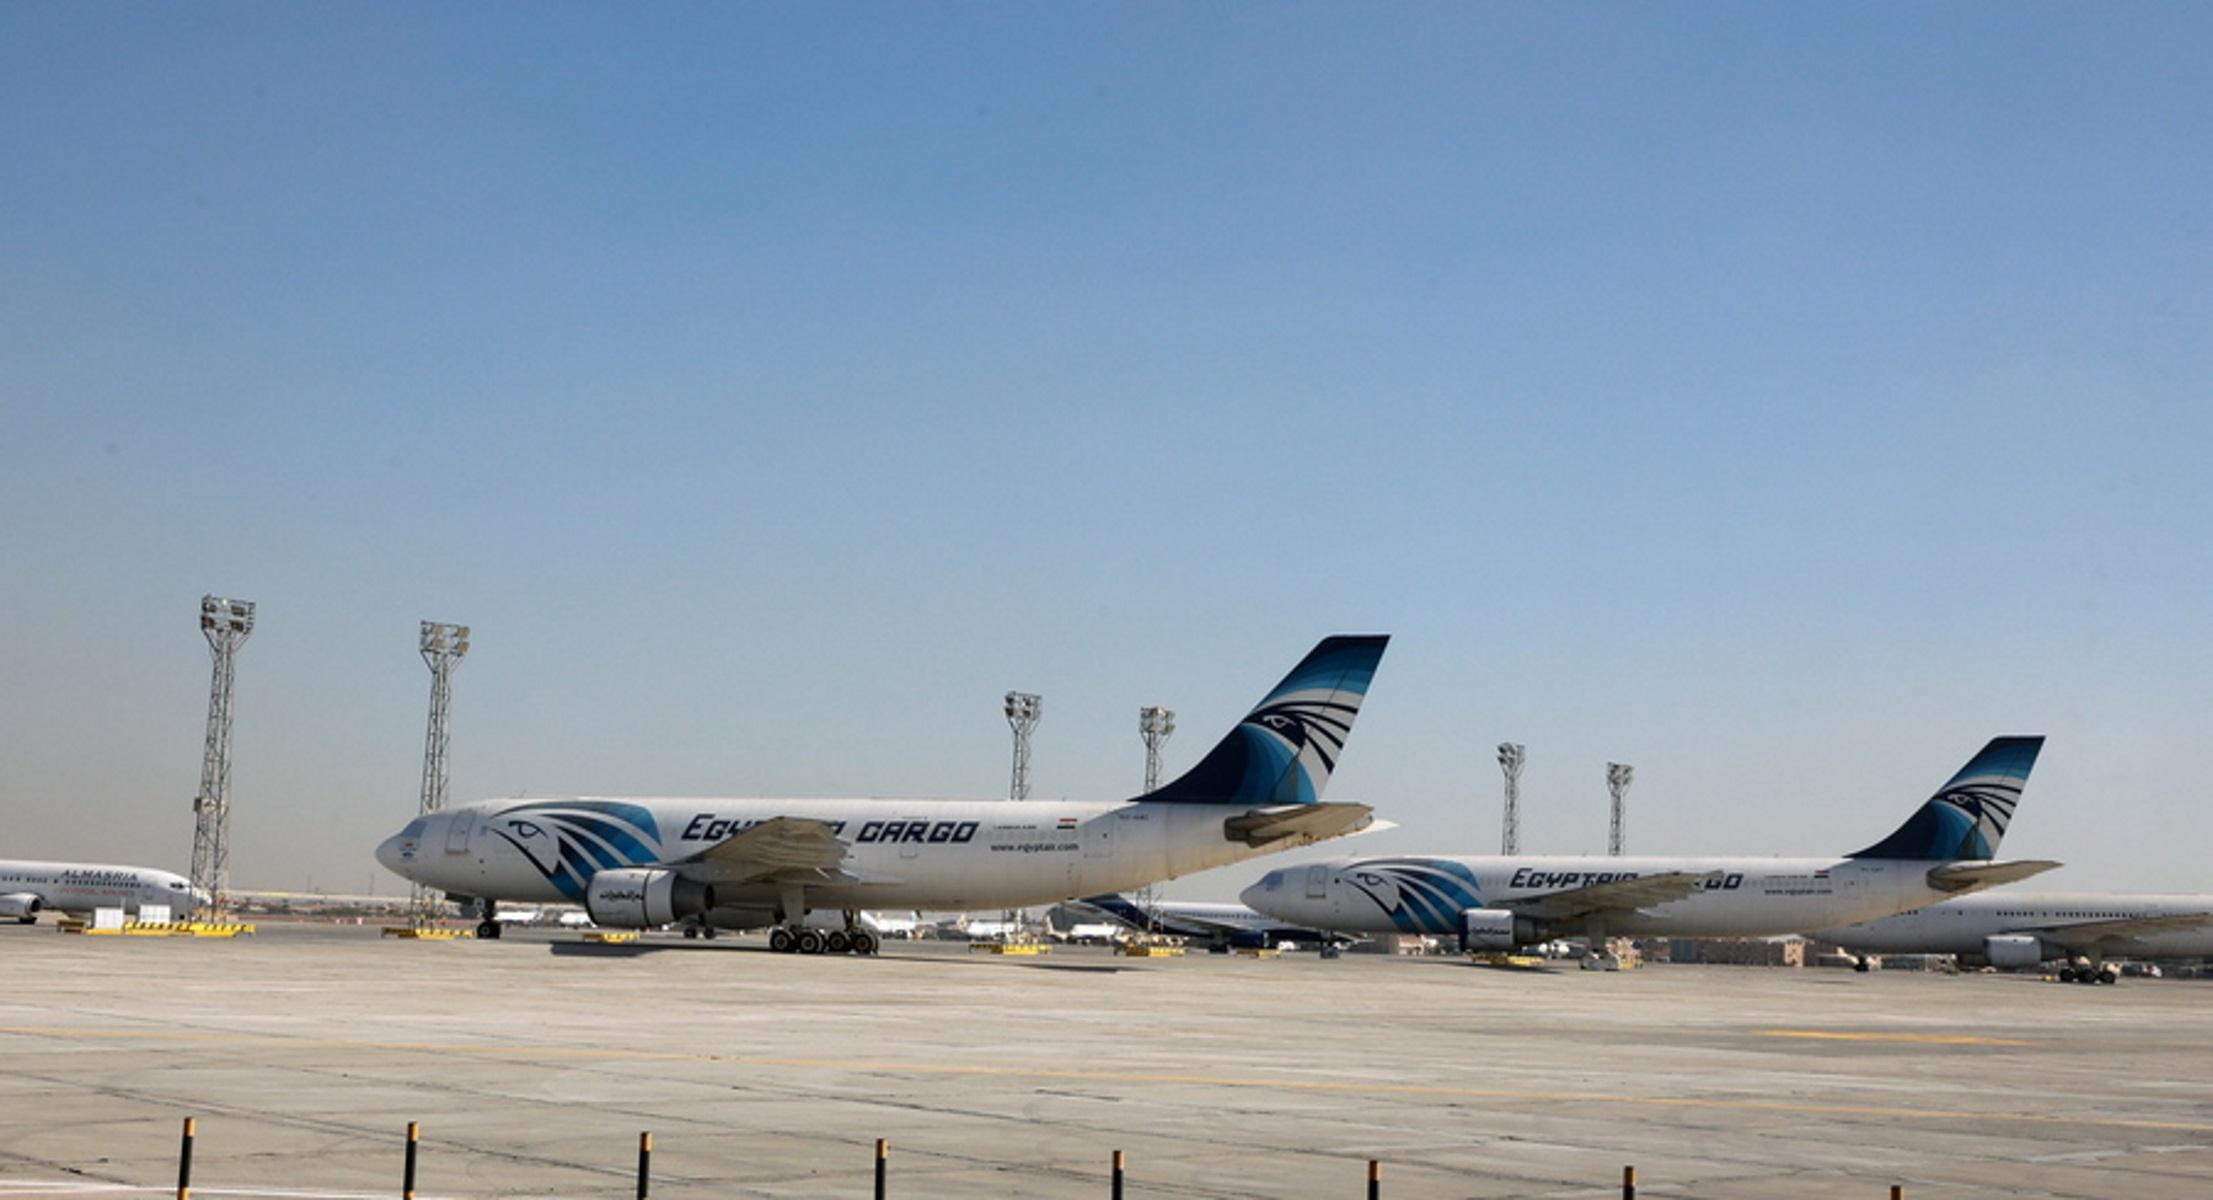 Πτήσεις της EgyptAir ξανά προς Τελ Αβίβ μετά από δεκαετίες